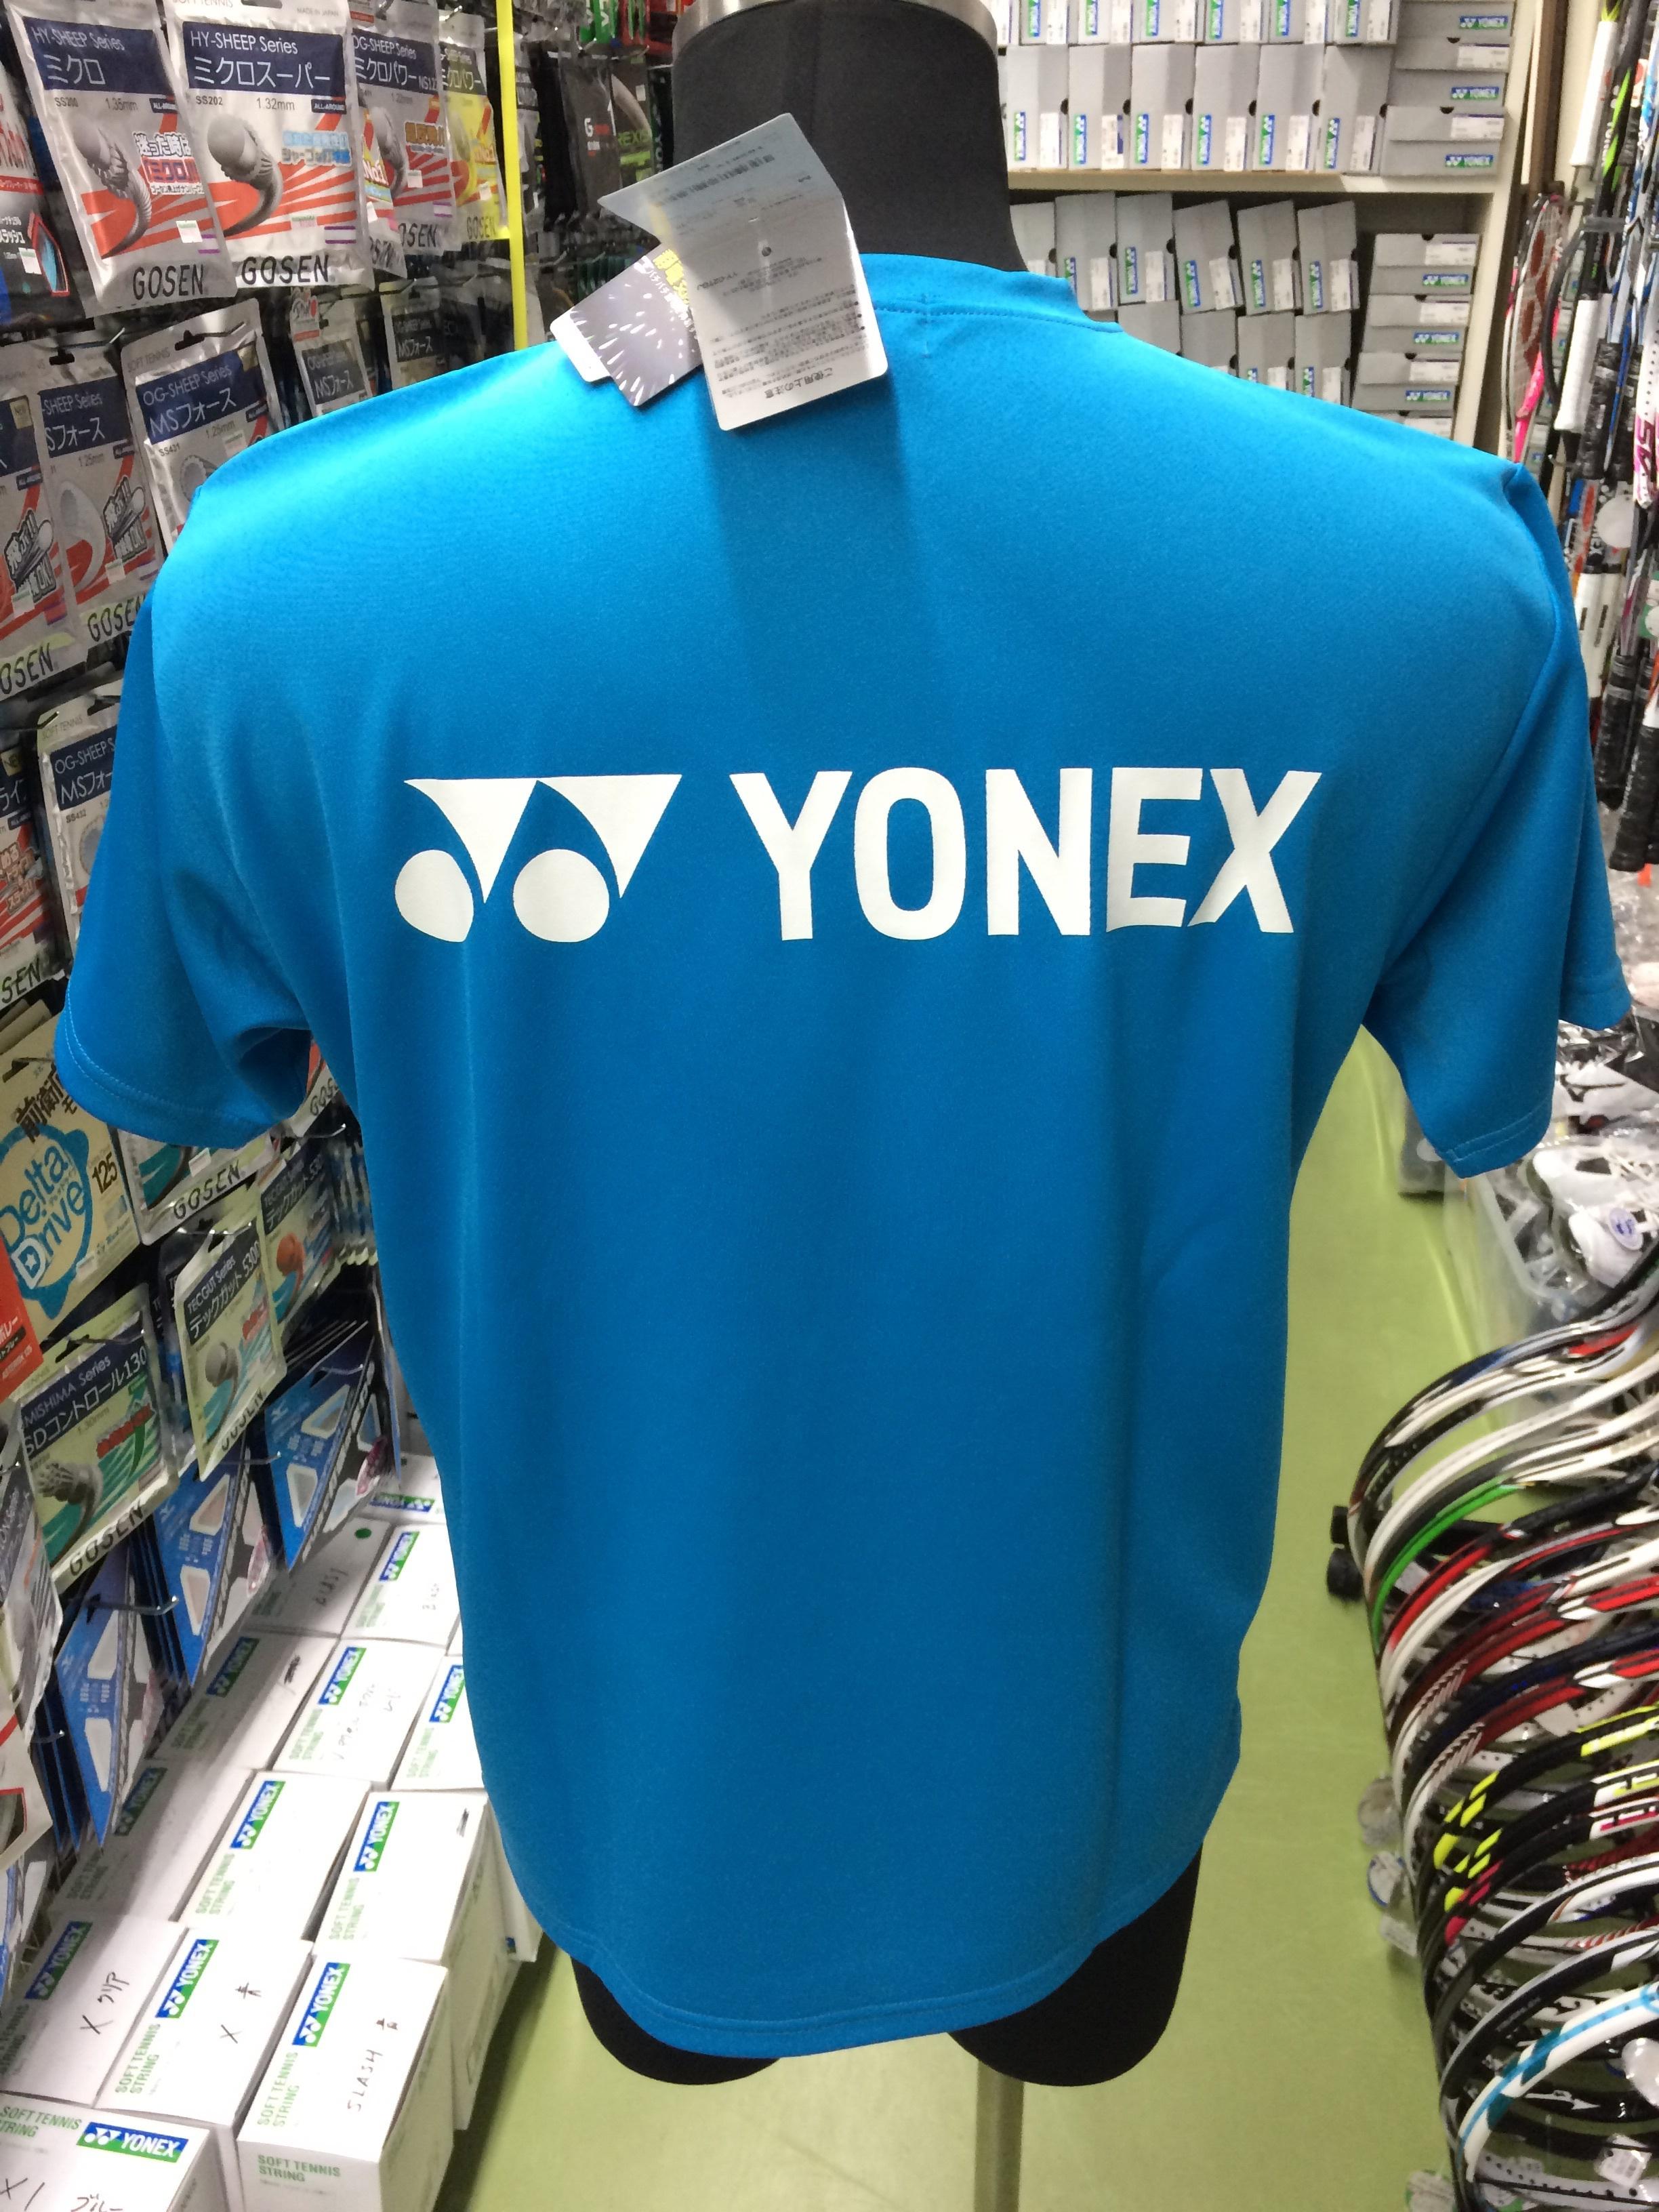 ヨネックス ユニドライTシャツ 16261Y - 画像2